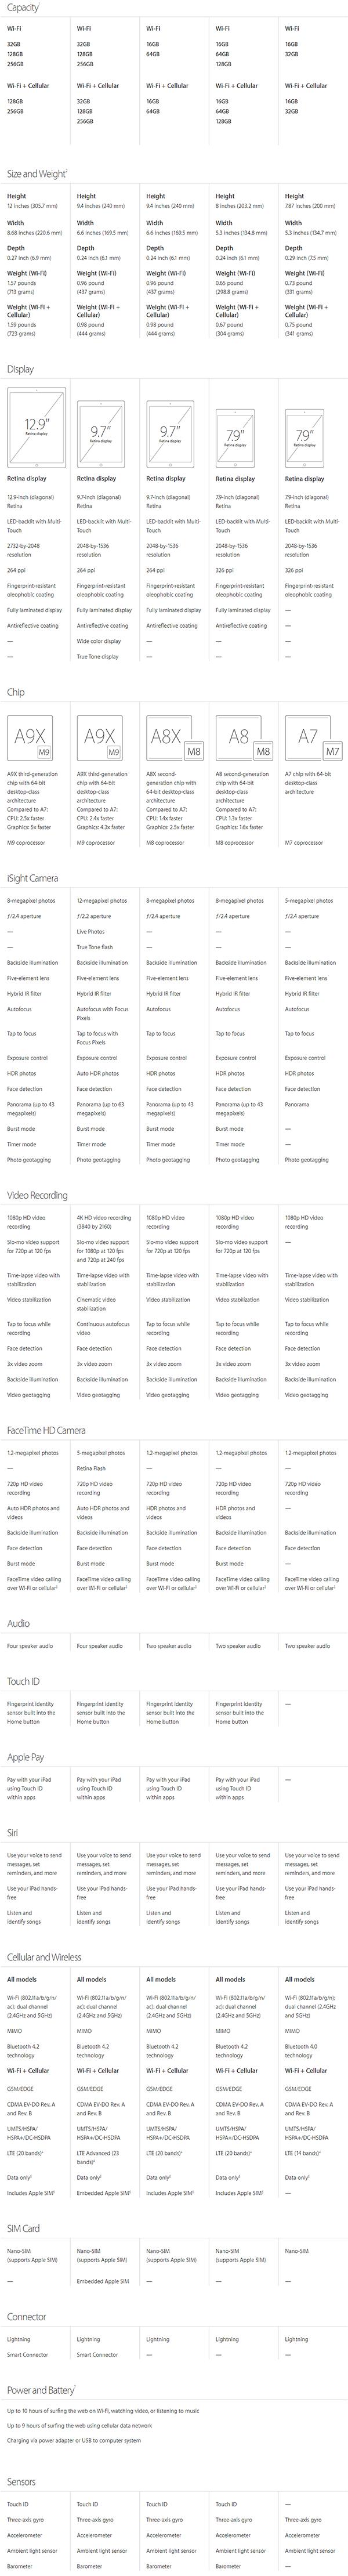 All-iPad-comparison